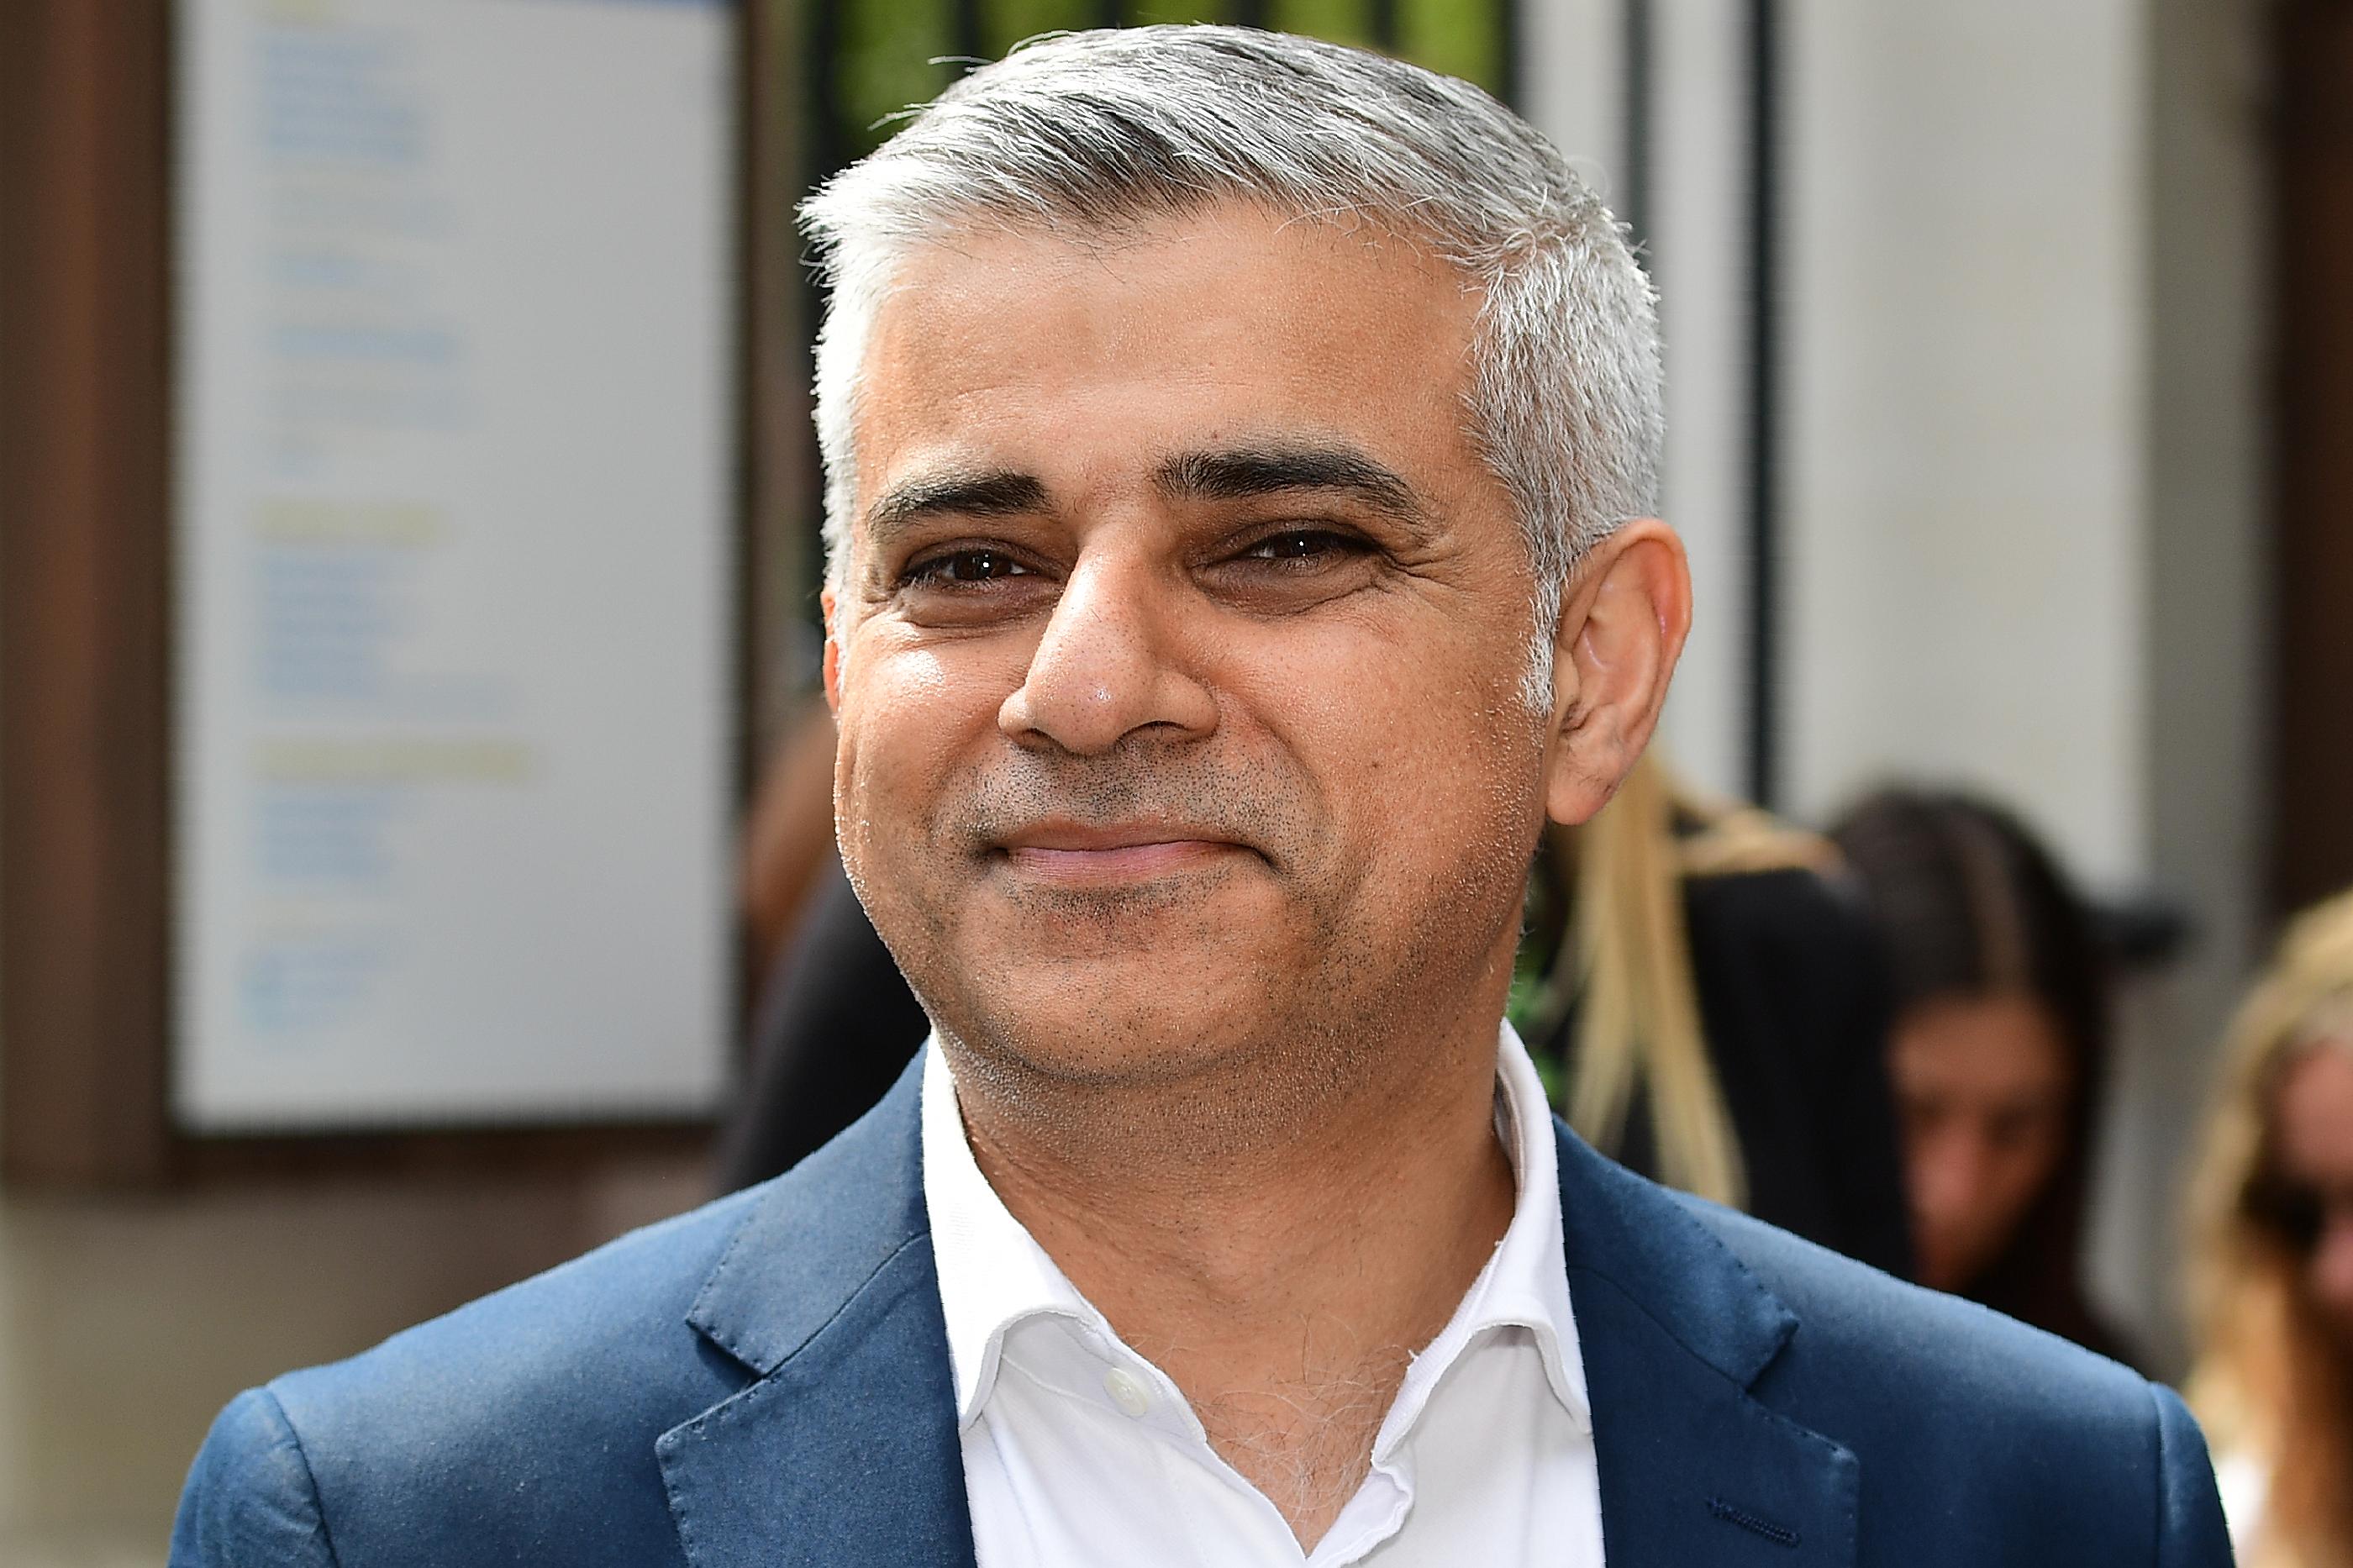 Újraválasztották Sadiq Khant London polgármesterének